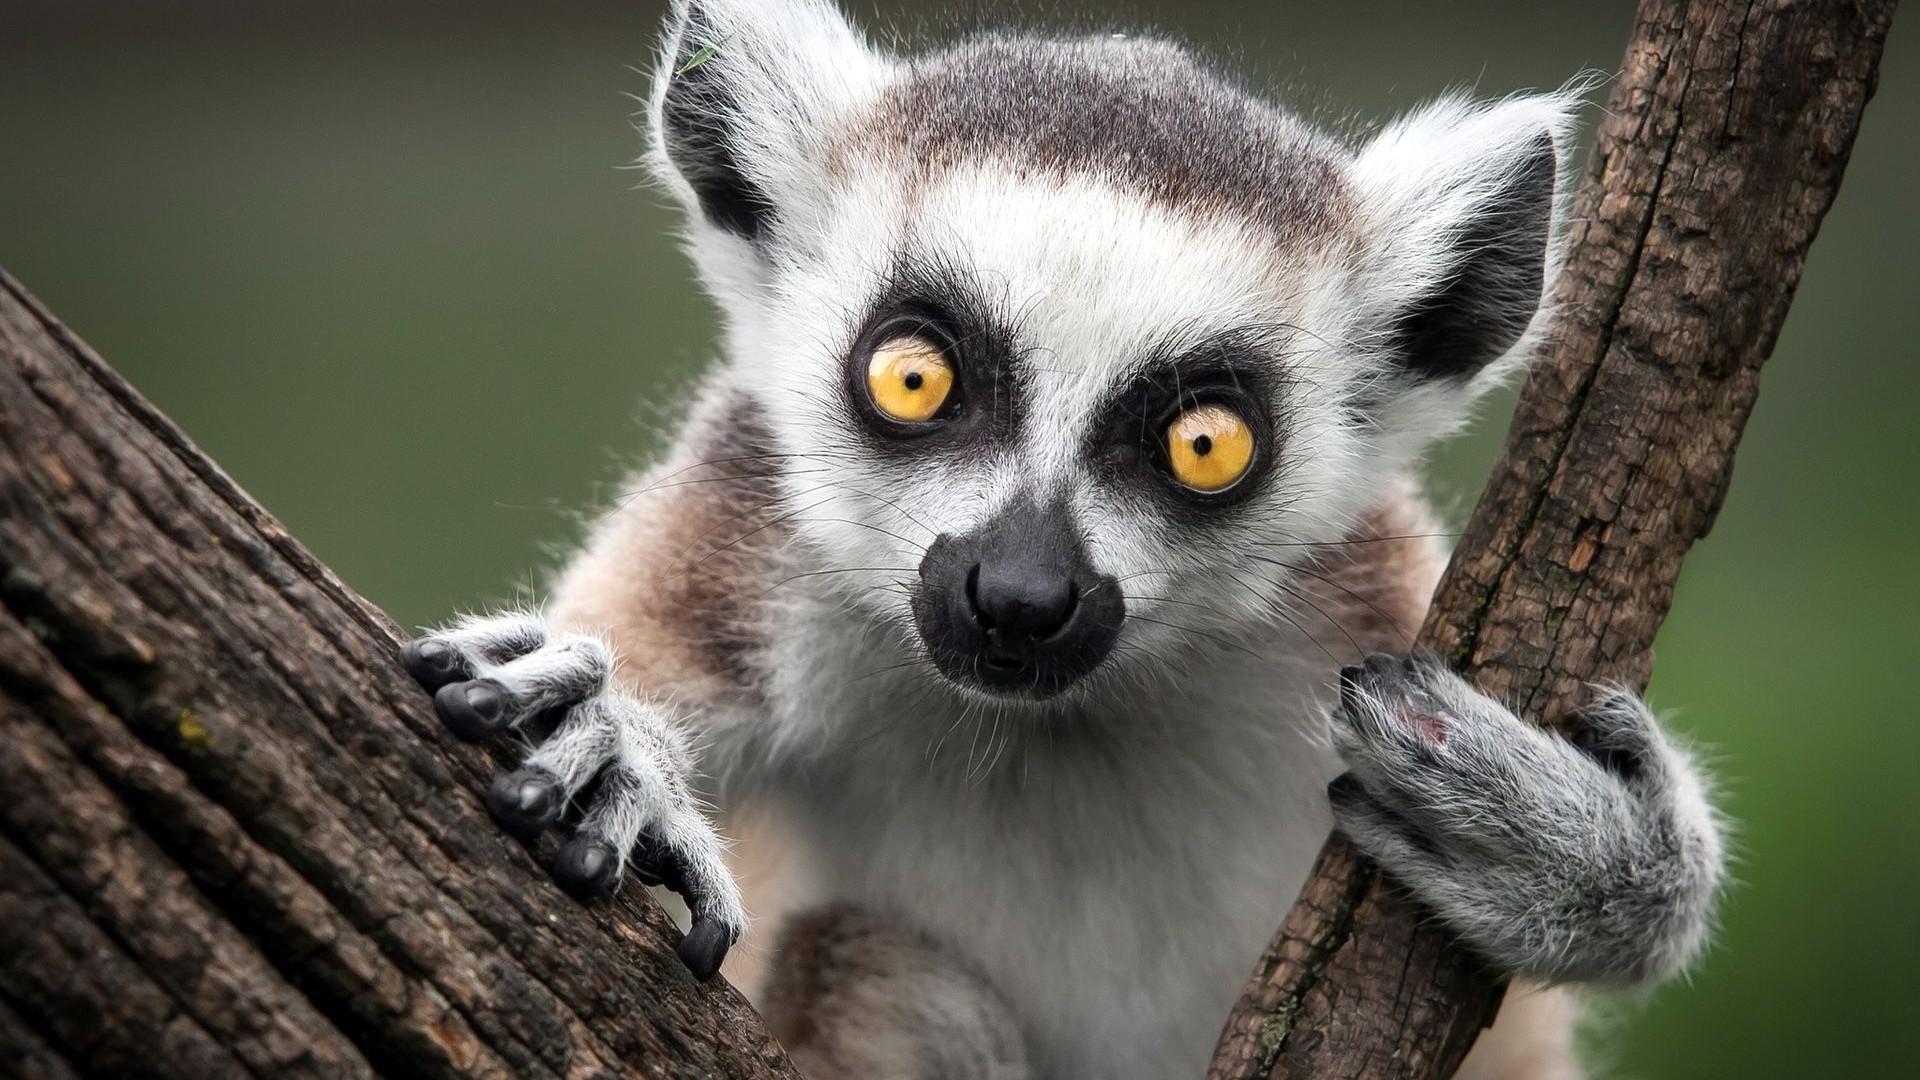 Images of Lemur   1920x1080